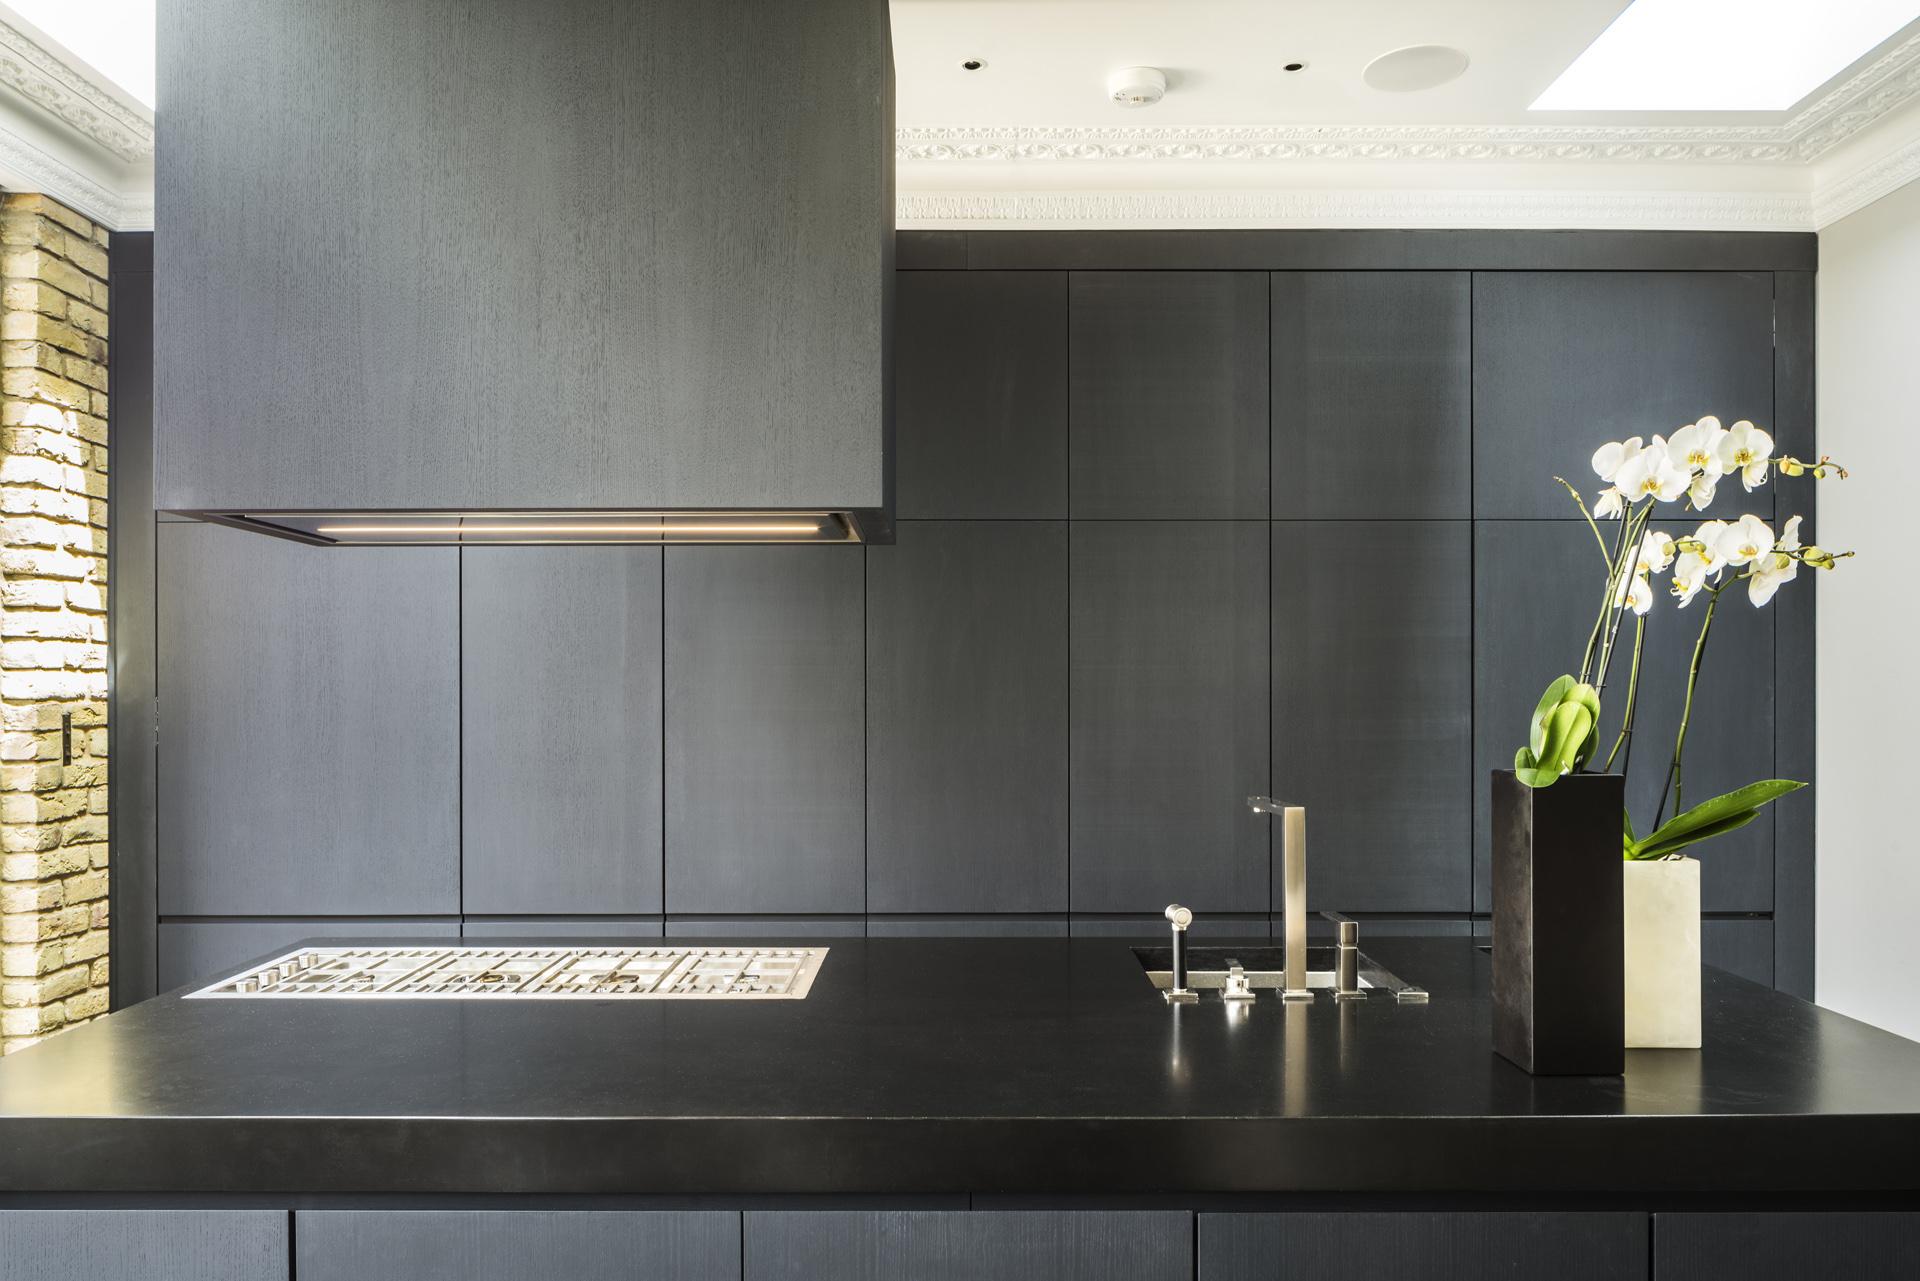 кухня лепнина  кухонный остров плита вытяжка мойка смеситель